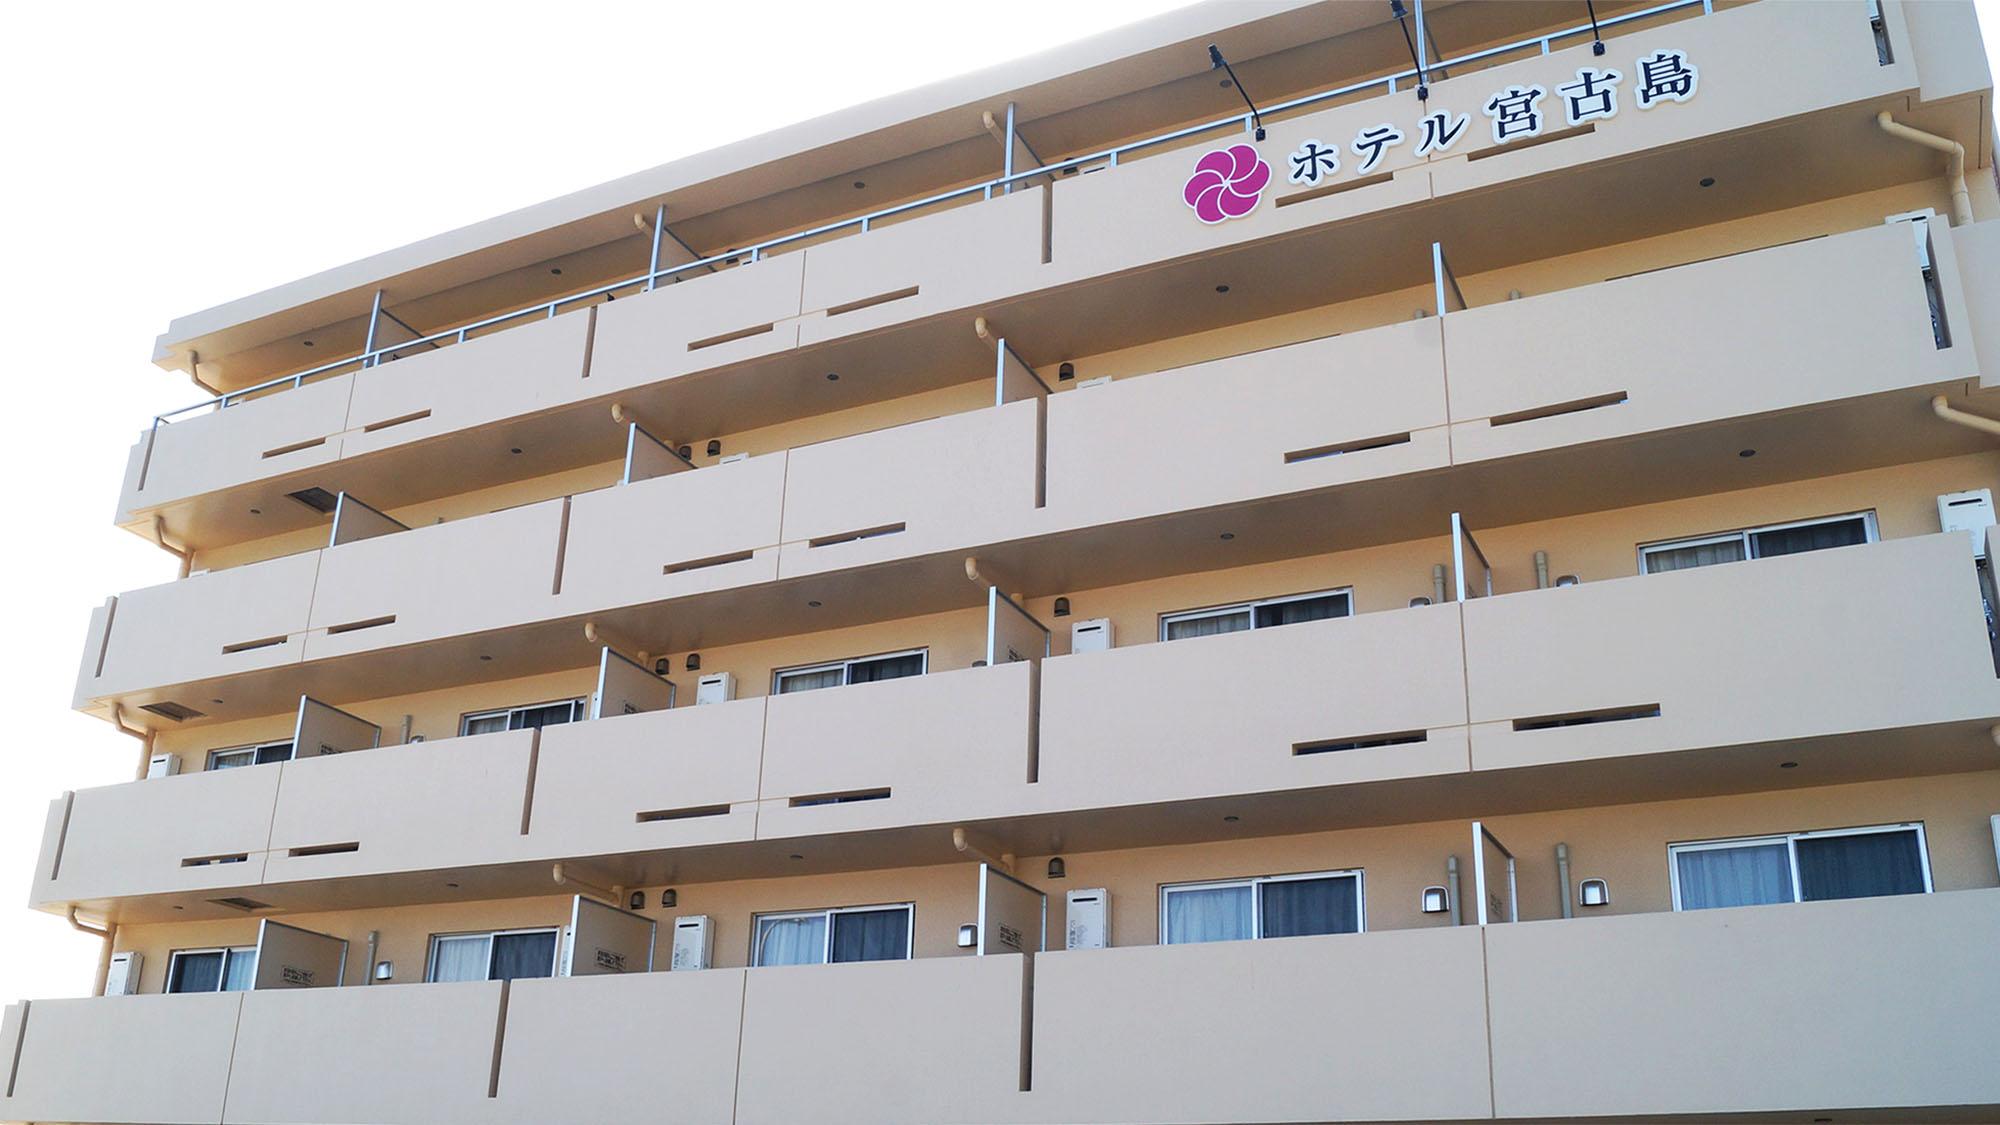 ホテル宮古島<宮古島>